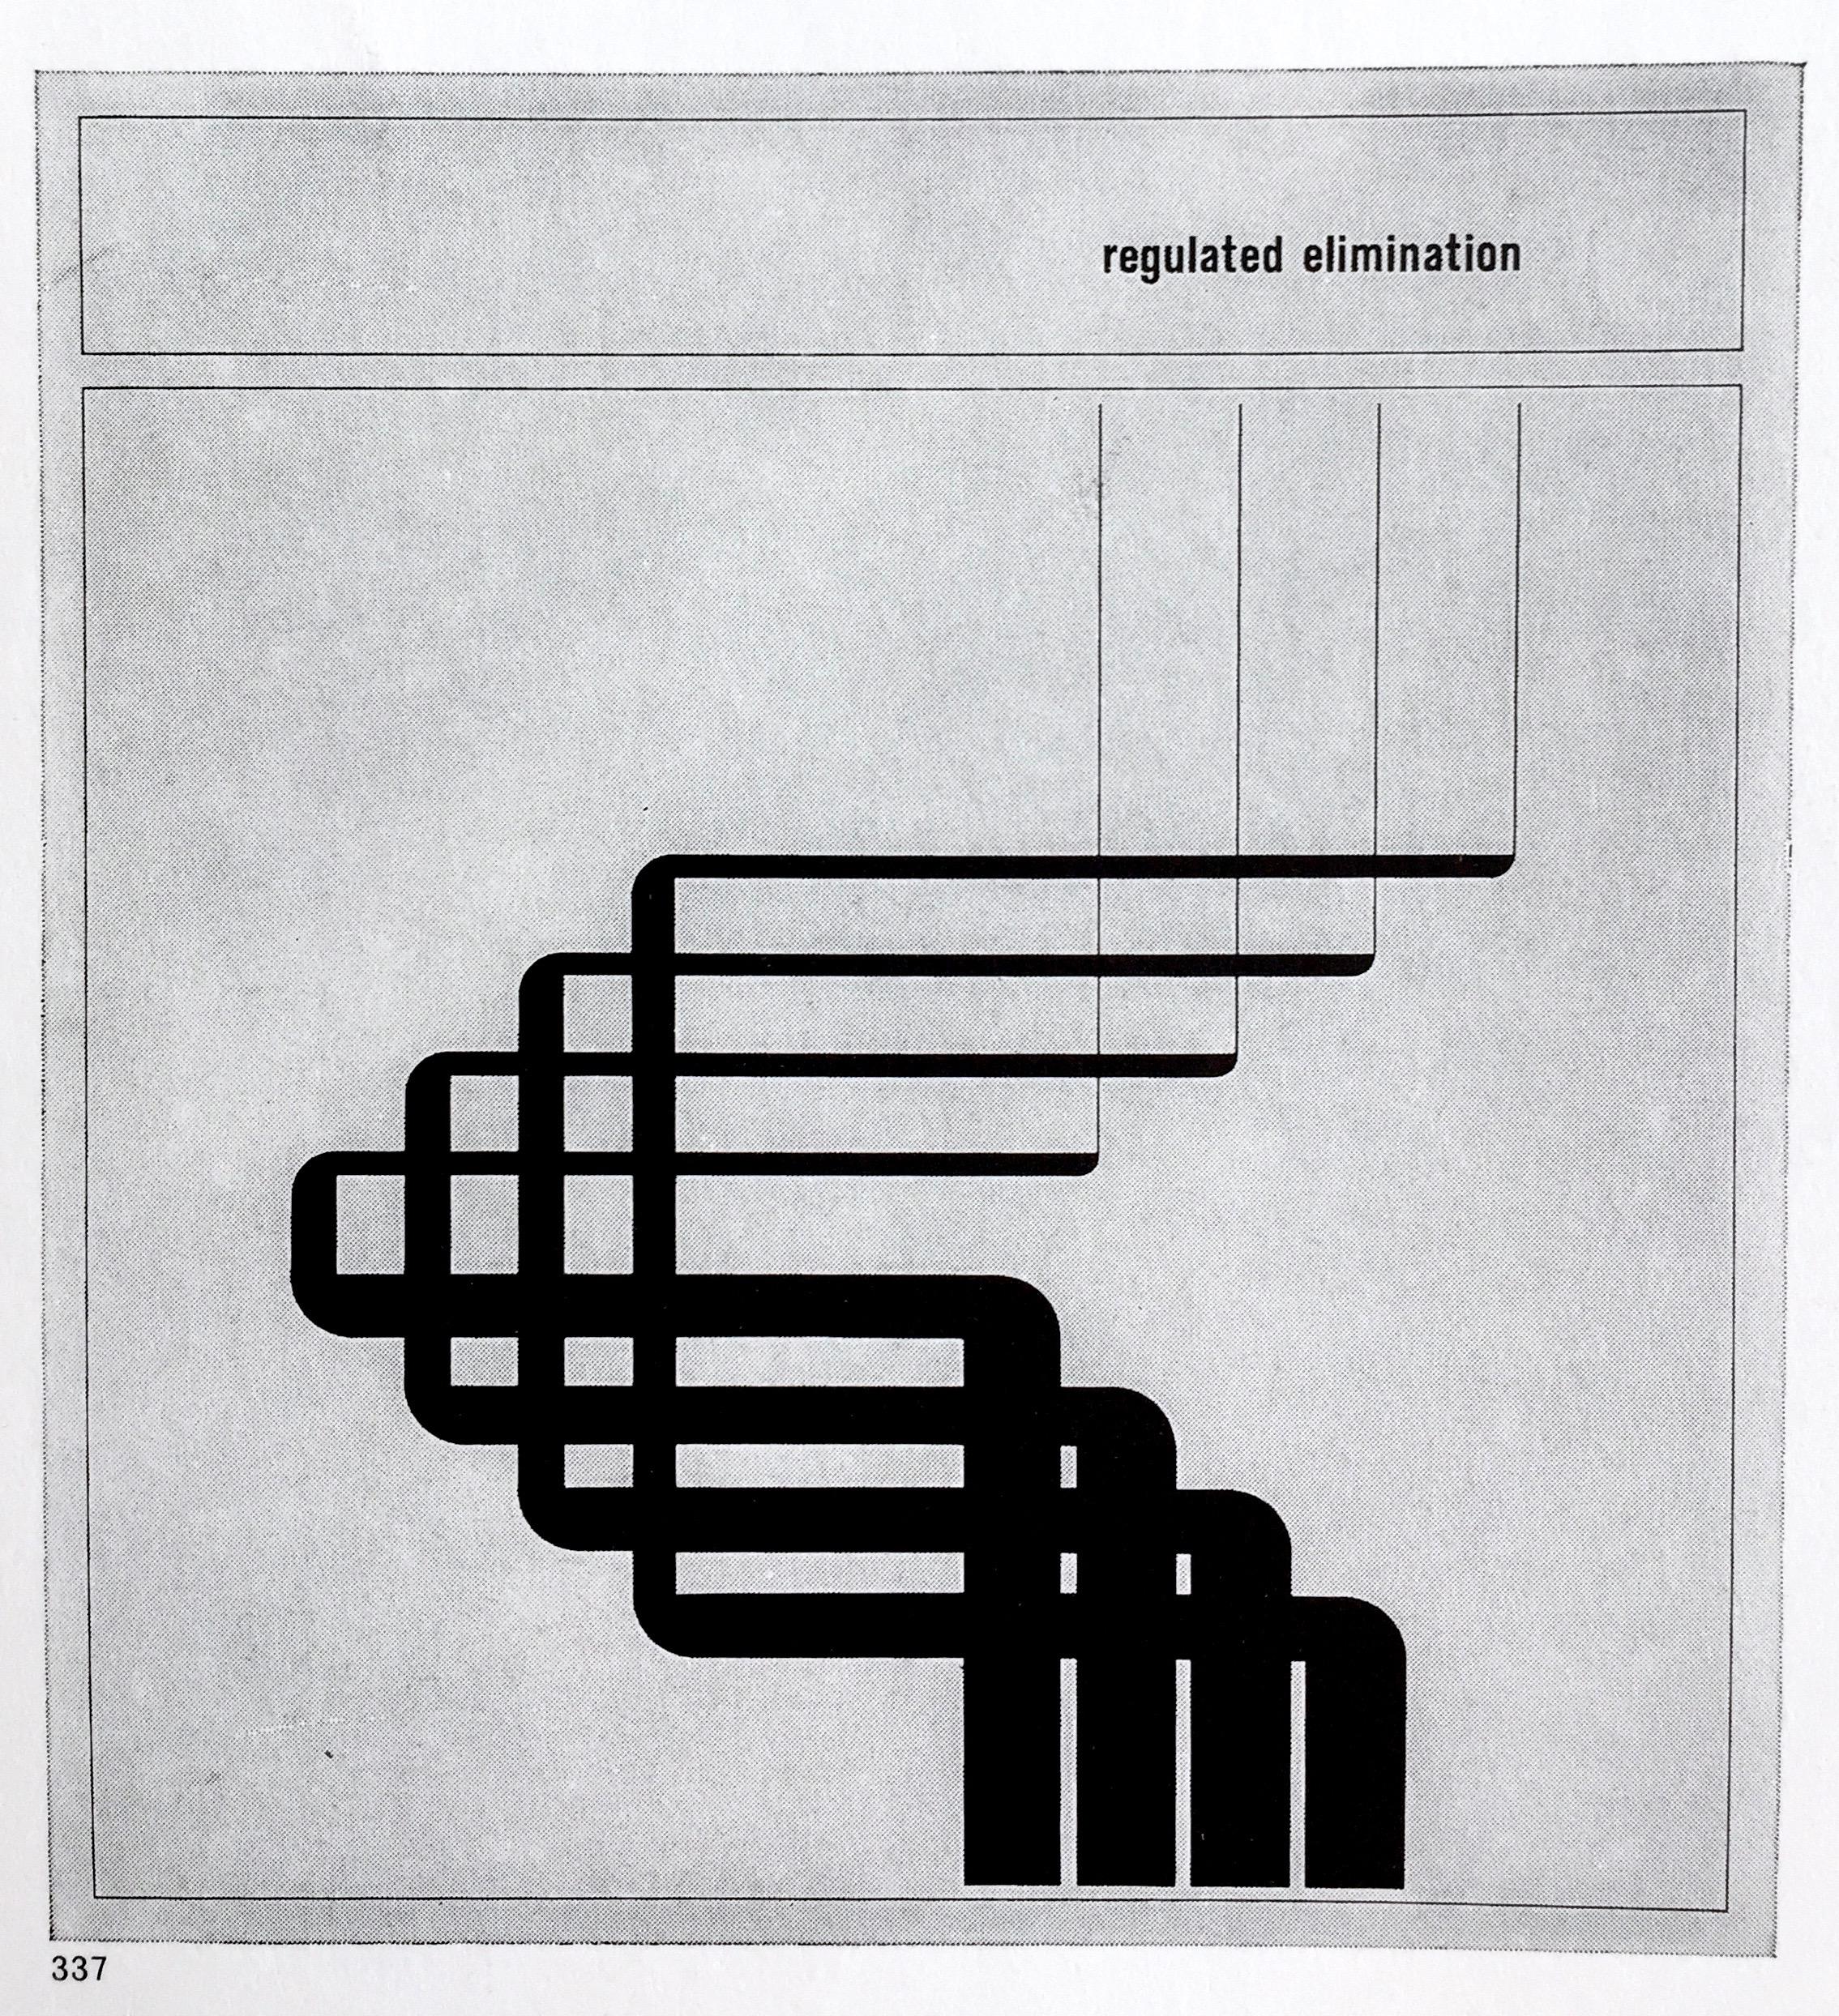 graphisdiagrams_5427.jpg